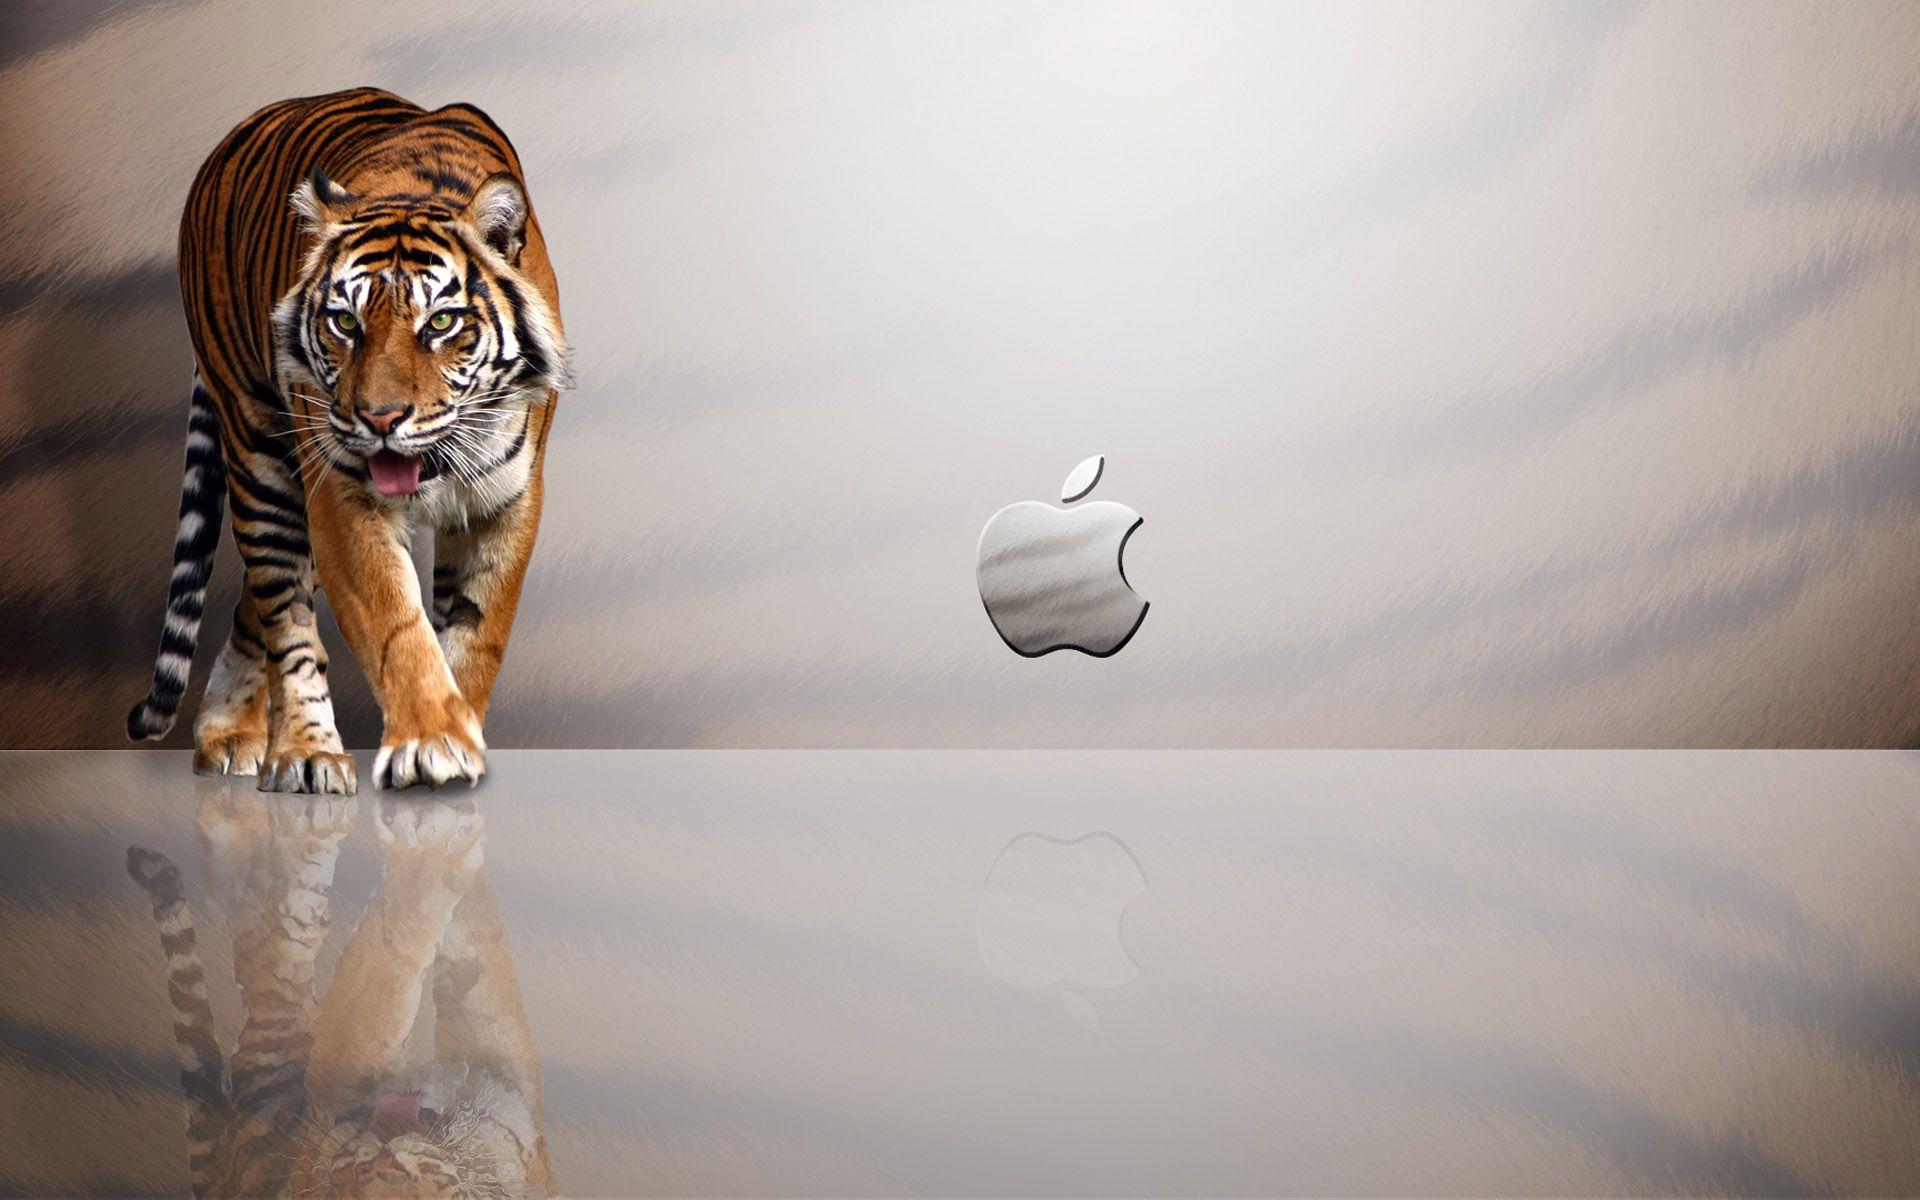 download best wallpaper apple mac tiger for your desktop background